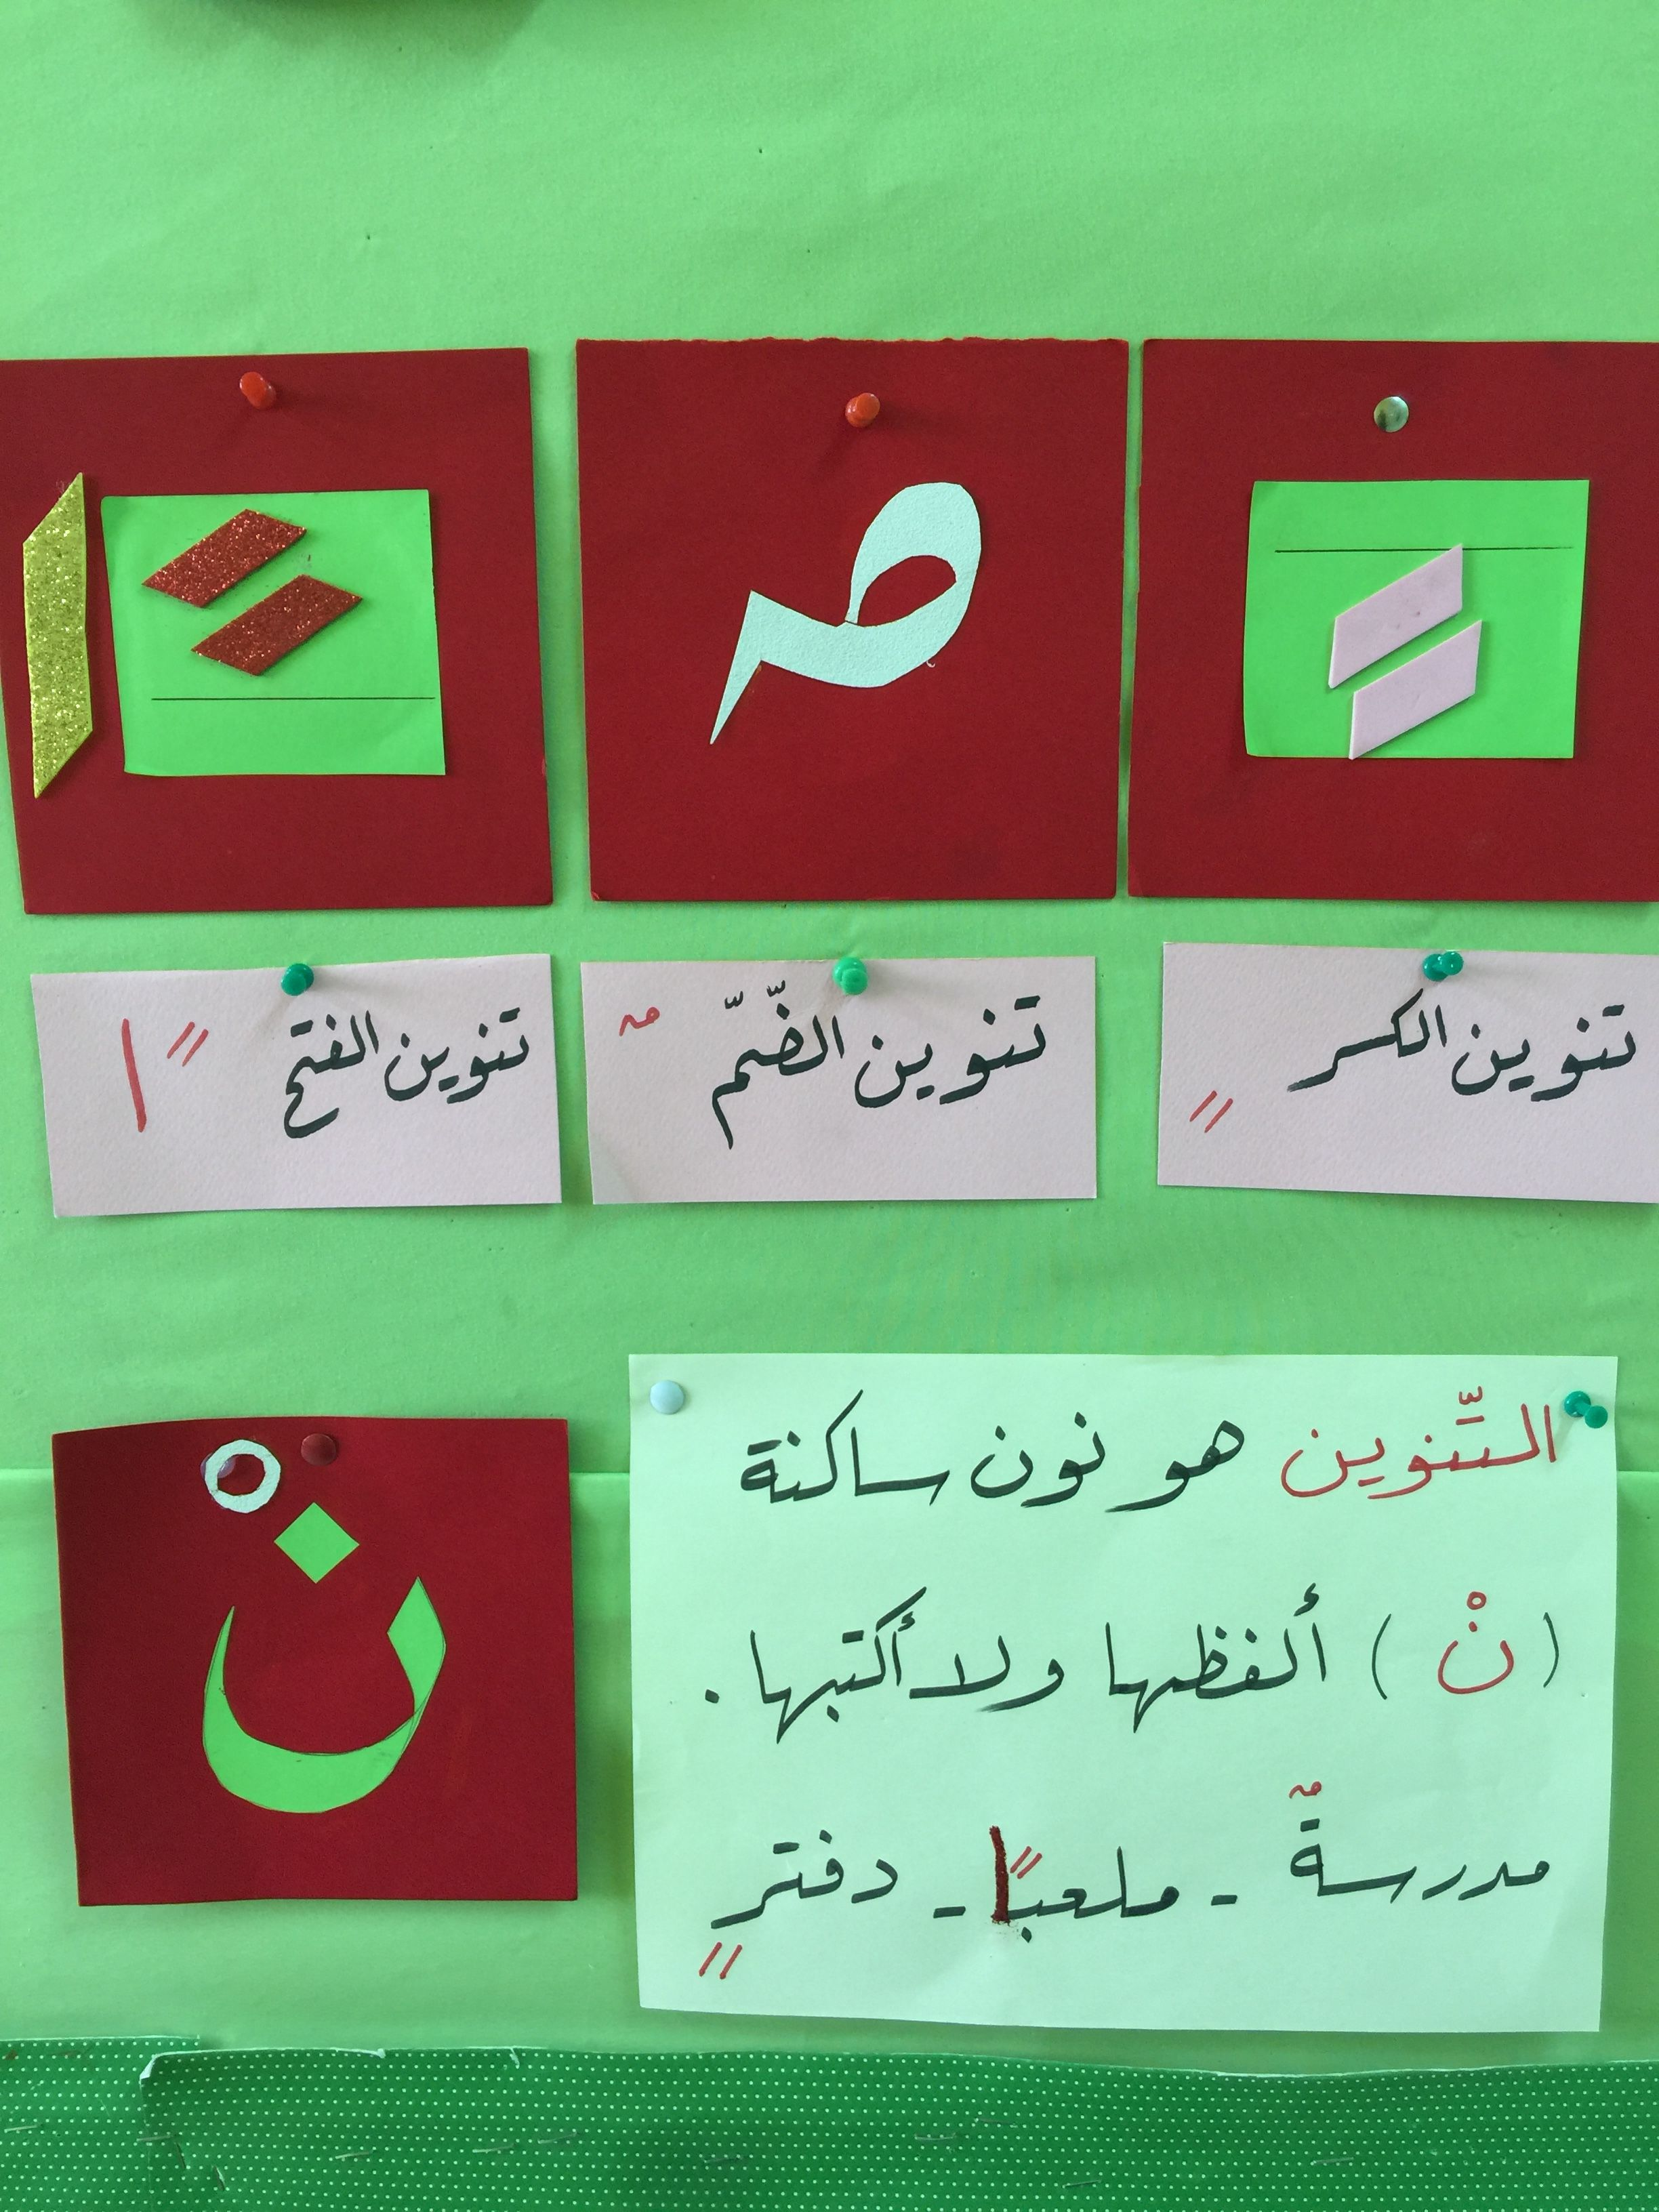 أنواع التنوين بالورق المتدرج بالخشونة Learn Arabic Language Teaching Method Arabic Alphabet